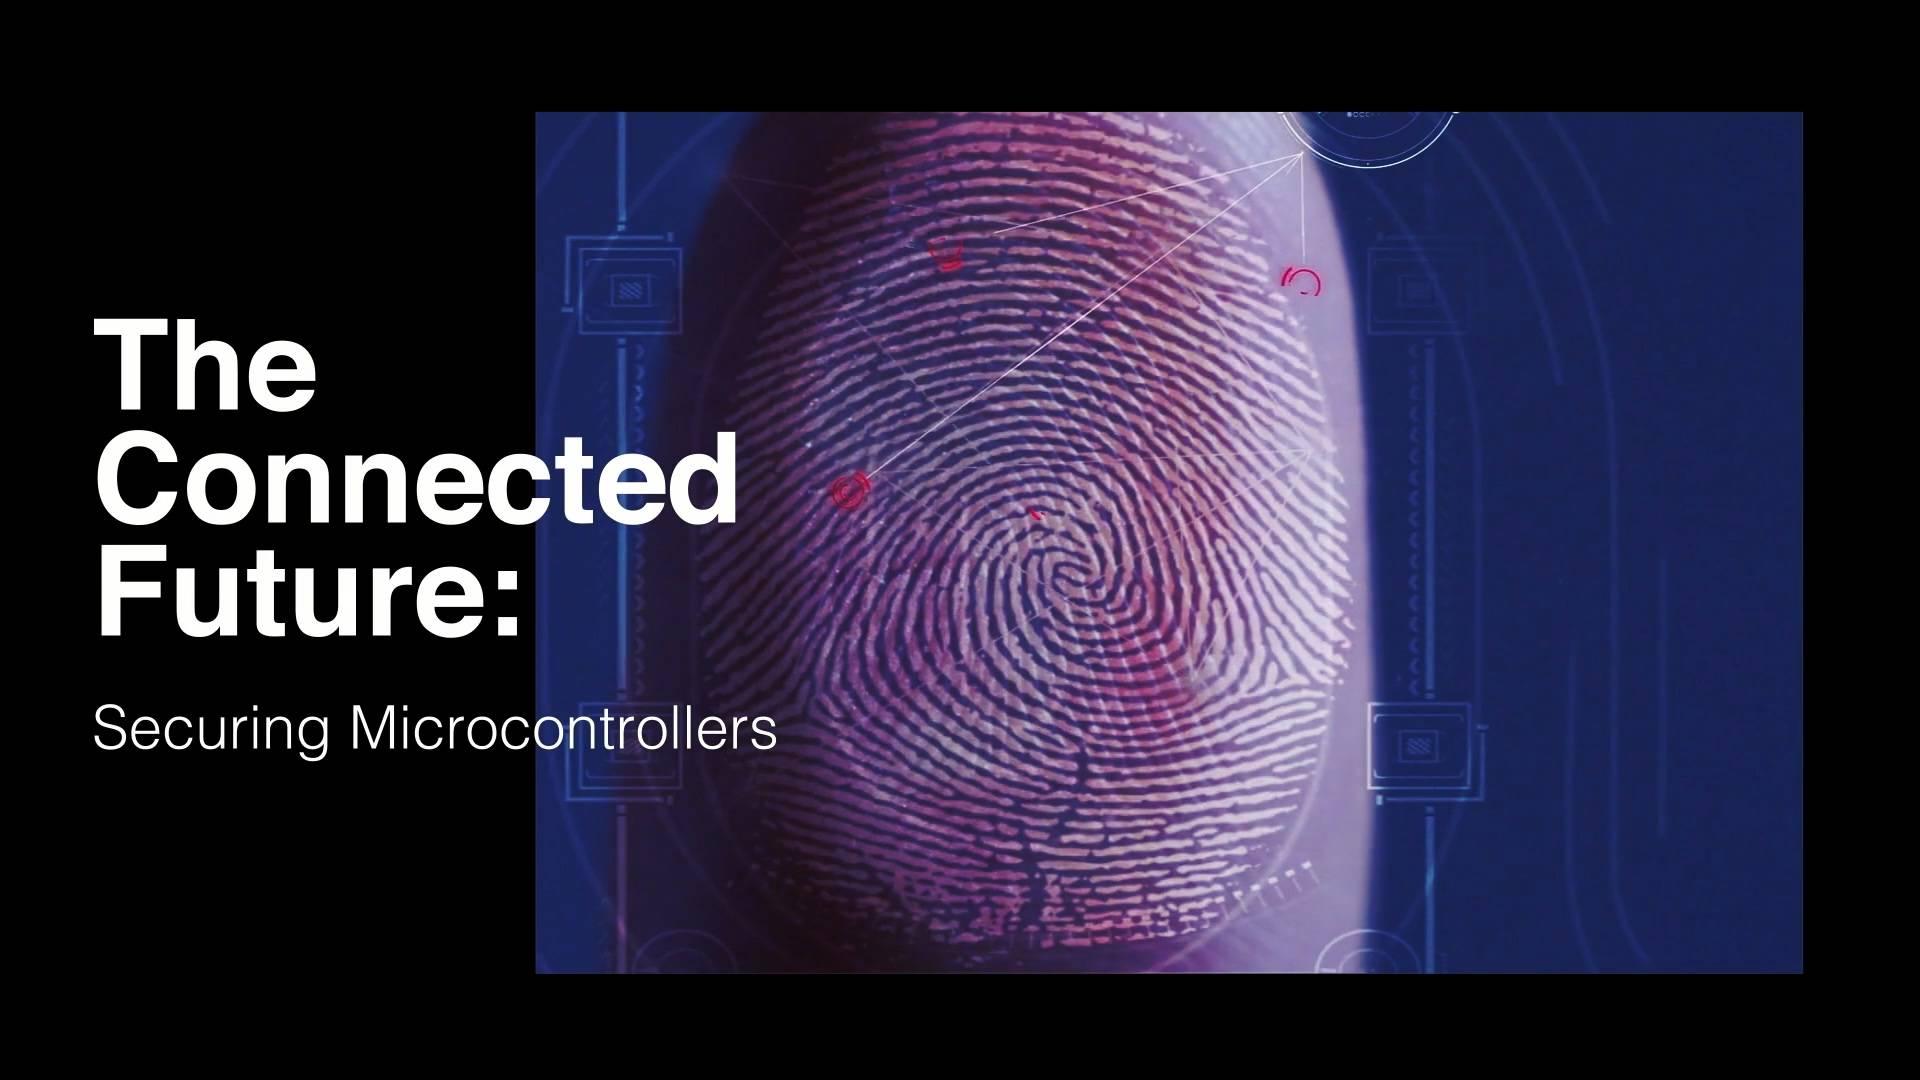 万物互联的未来:安全微控制器